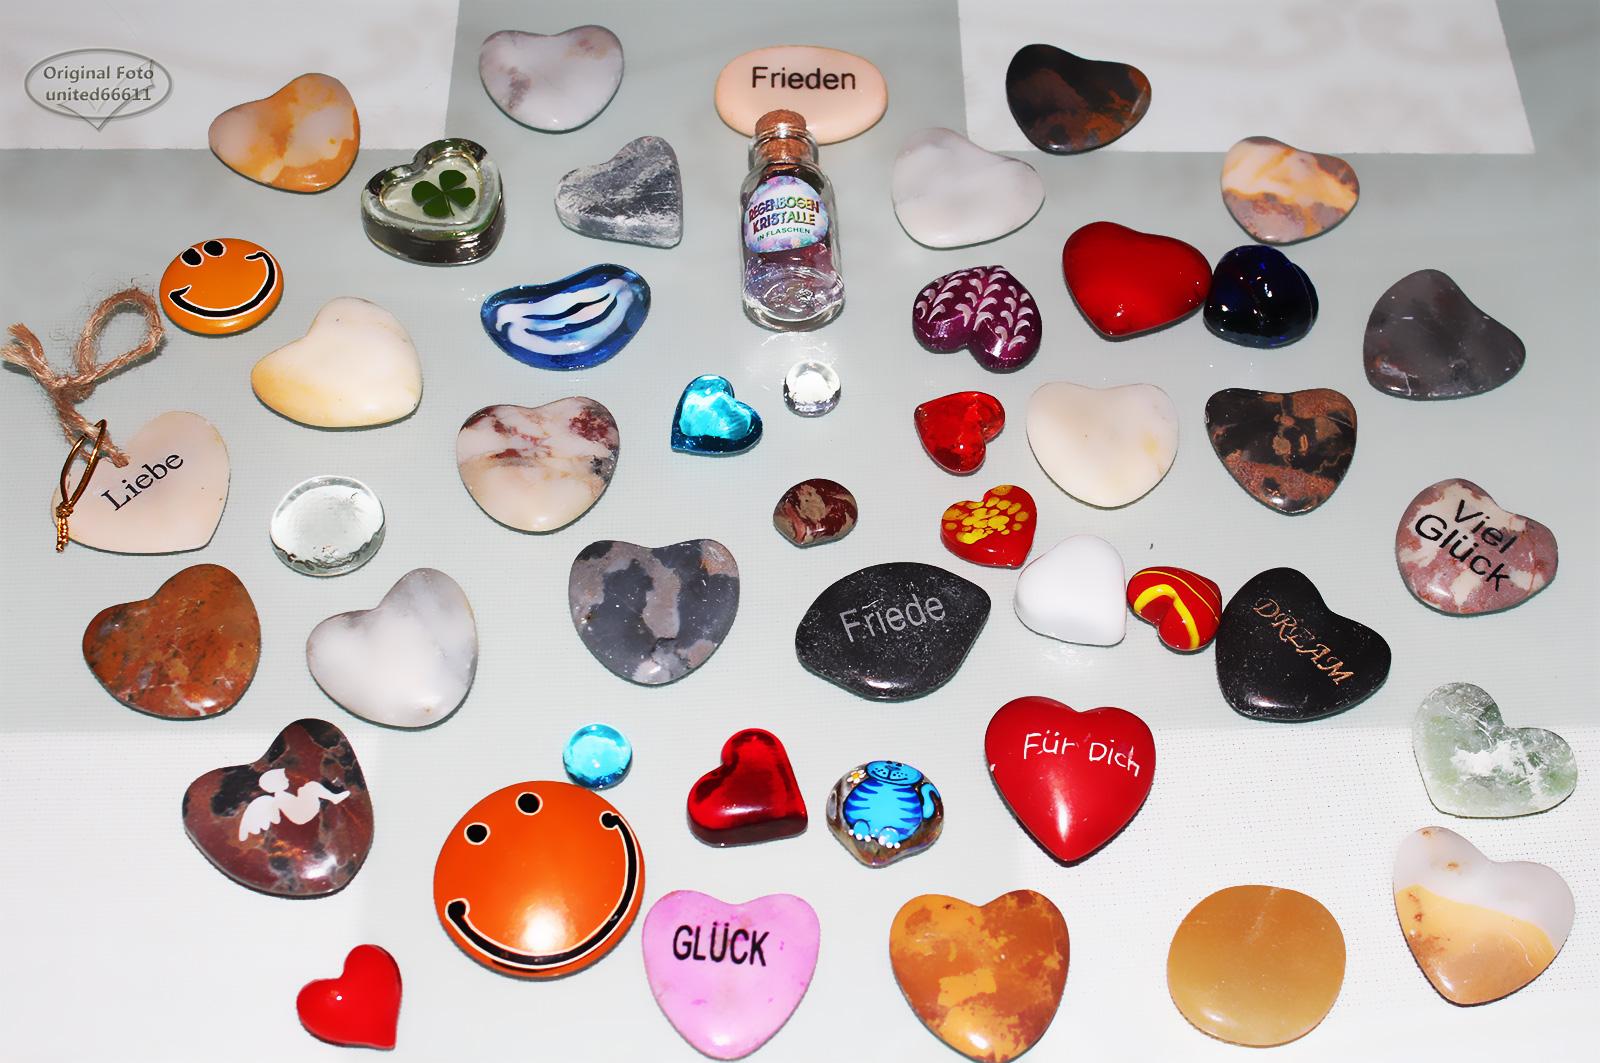 sammlung 45 deko steine kiesel glas hobby basteln bunt. Black Bedroom Furniture Sets. Home Design Ideas